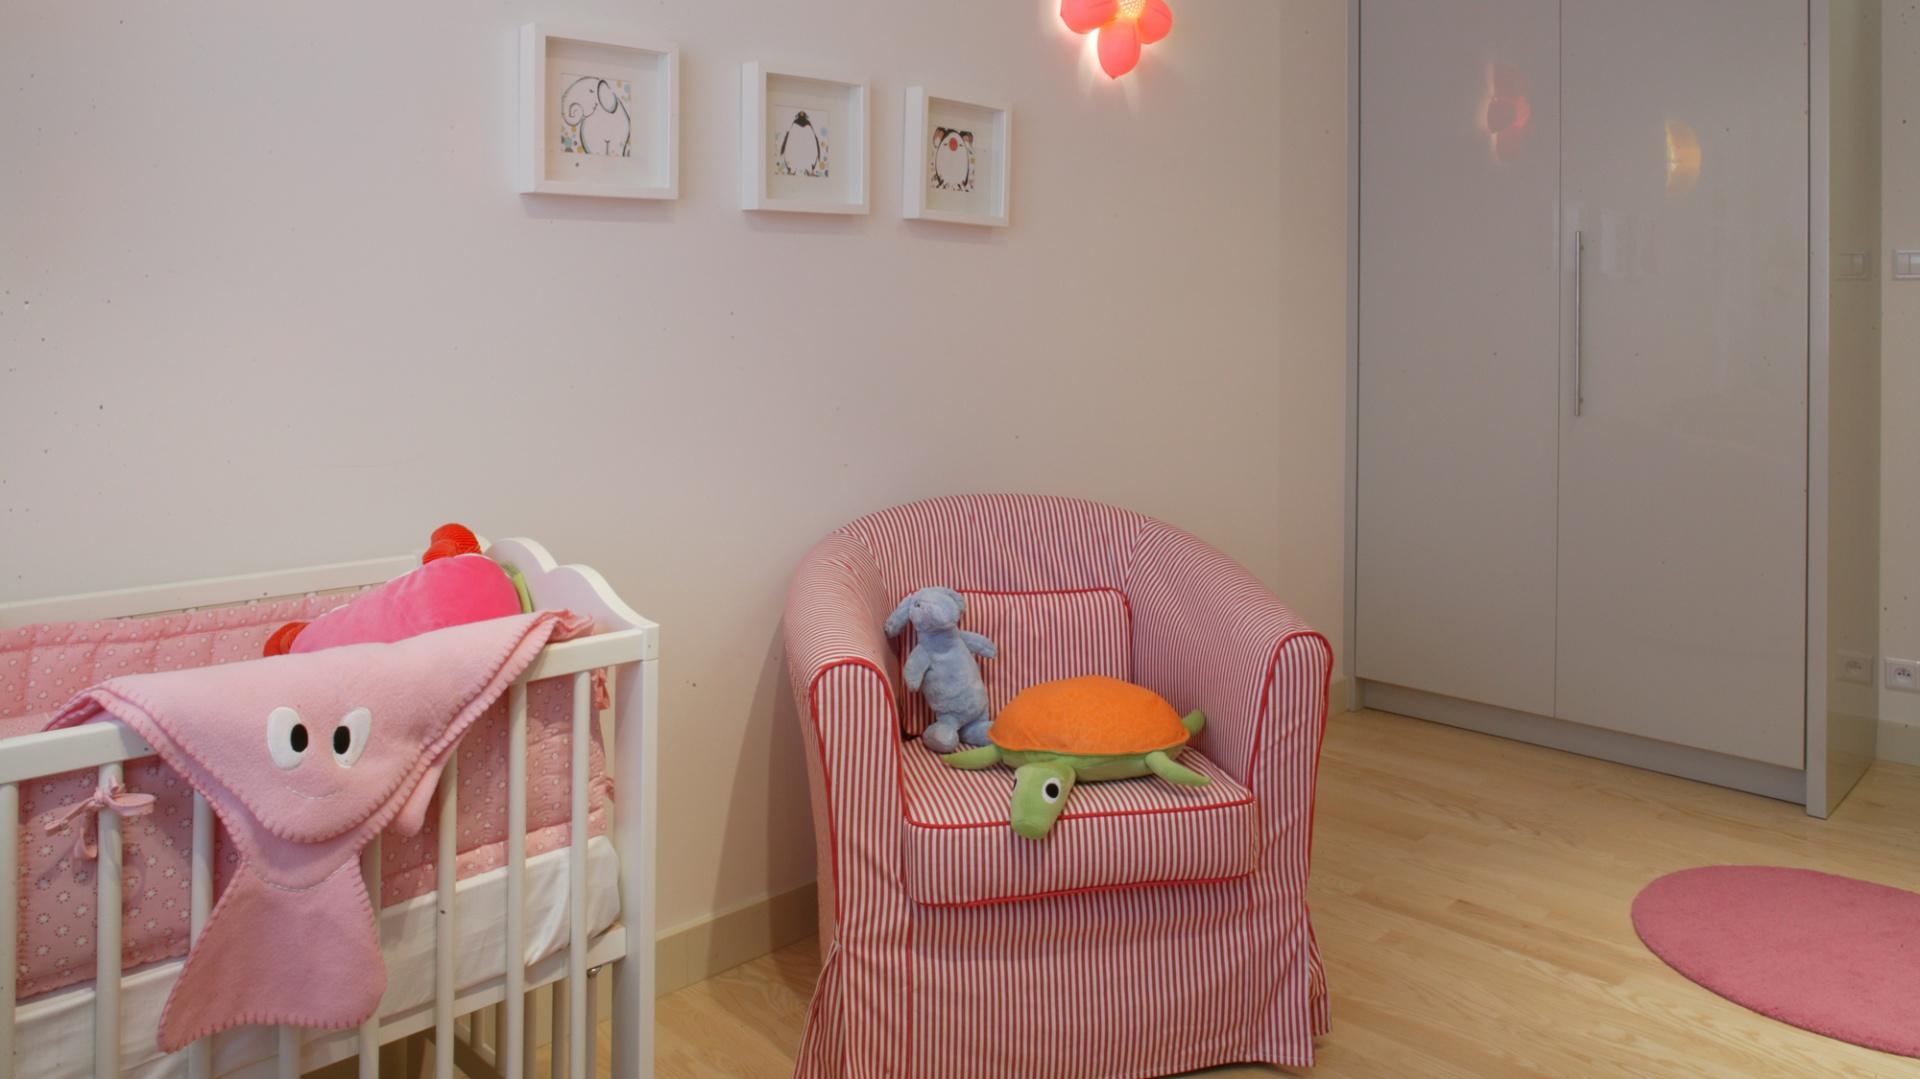 Fotel, ubrany w idealnie wpisujący się w charakter wnętrza pokrowiec w paski, to  wygodne miejsce dla rodzica. Wieczorem można w nim usiąść i poczytać dziecku ulubioną bajkę. Fot. Monika Filipiuk.